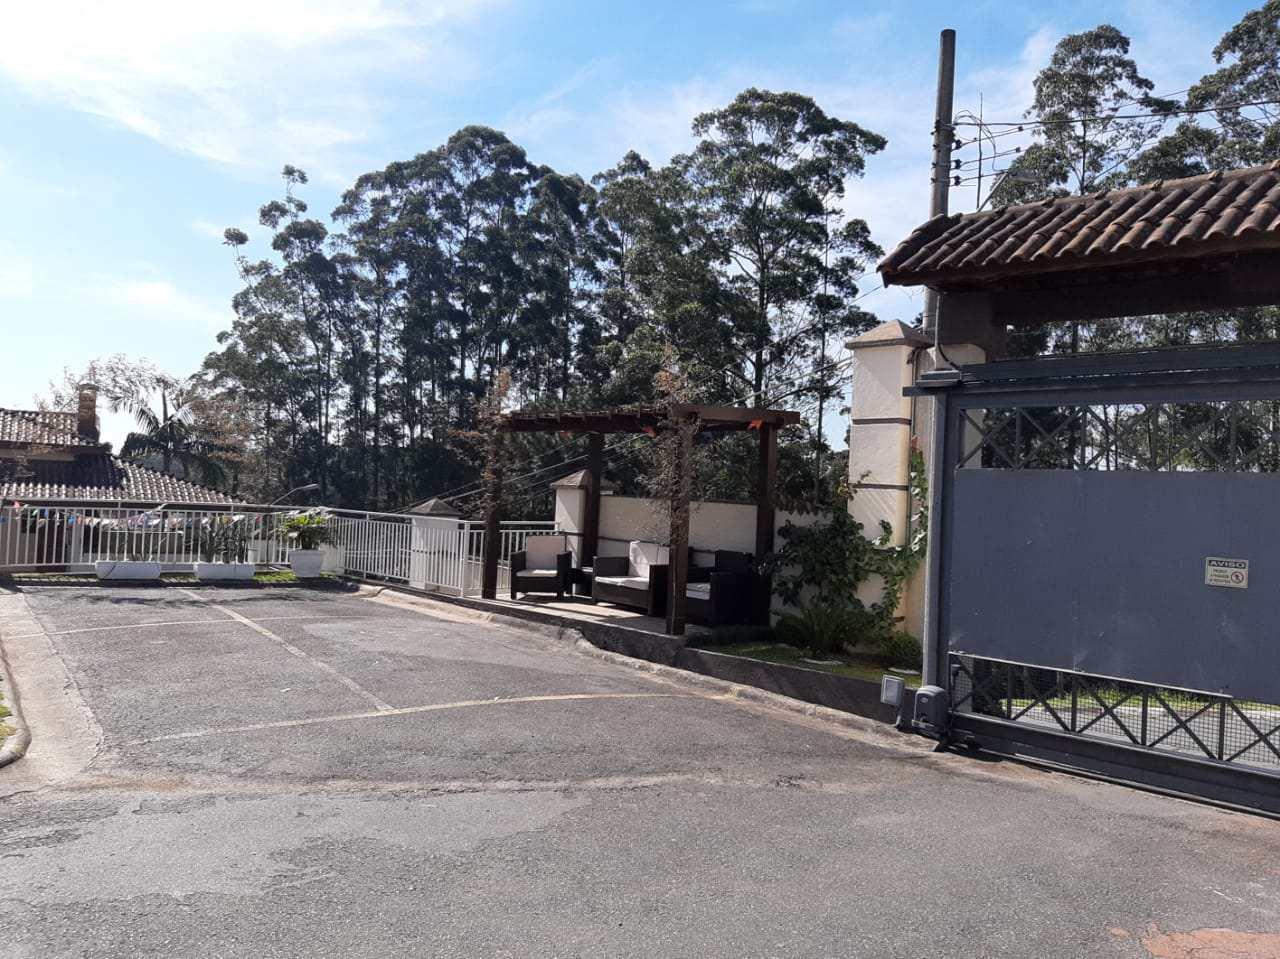 Casa de Condomínio com 3 dorms, Parque Delfim Verde, Itapecerica da Serra - R$ 600 mil, Cod: 1326